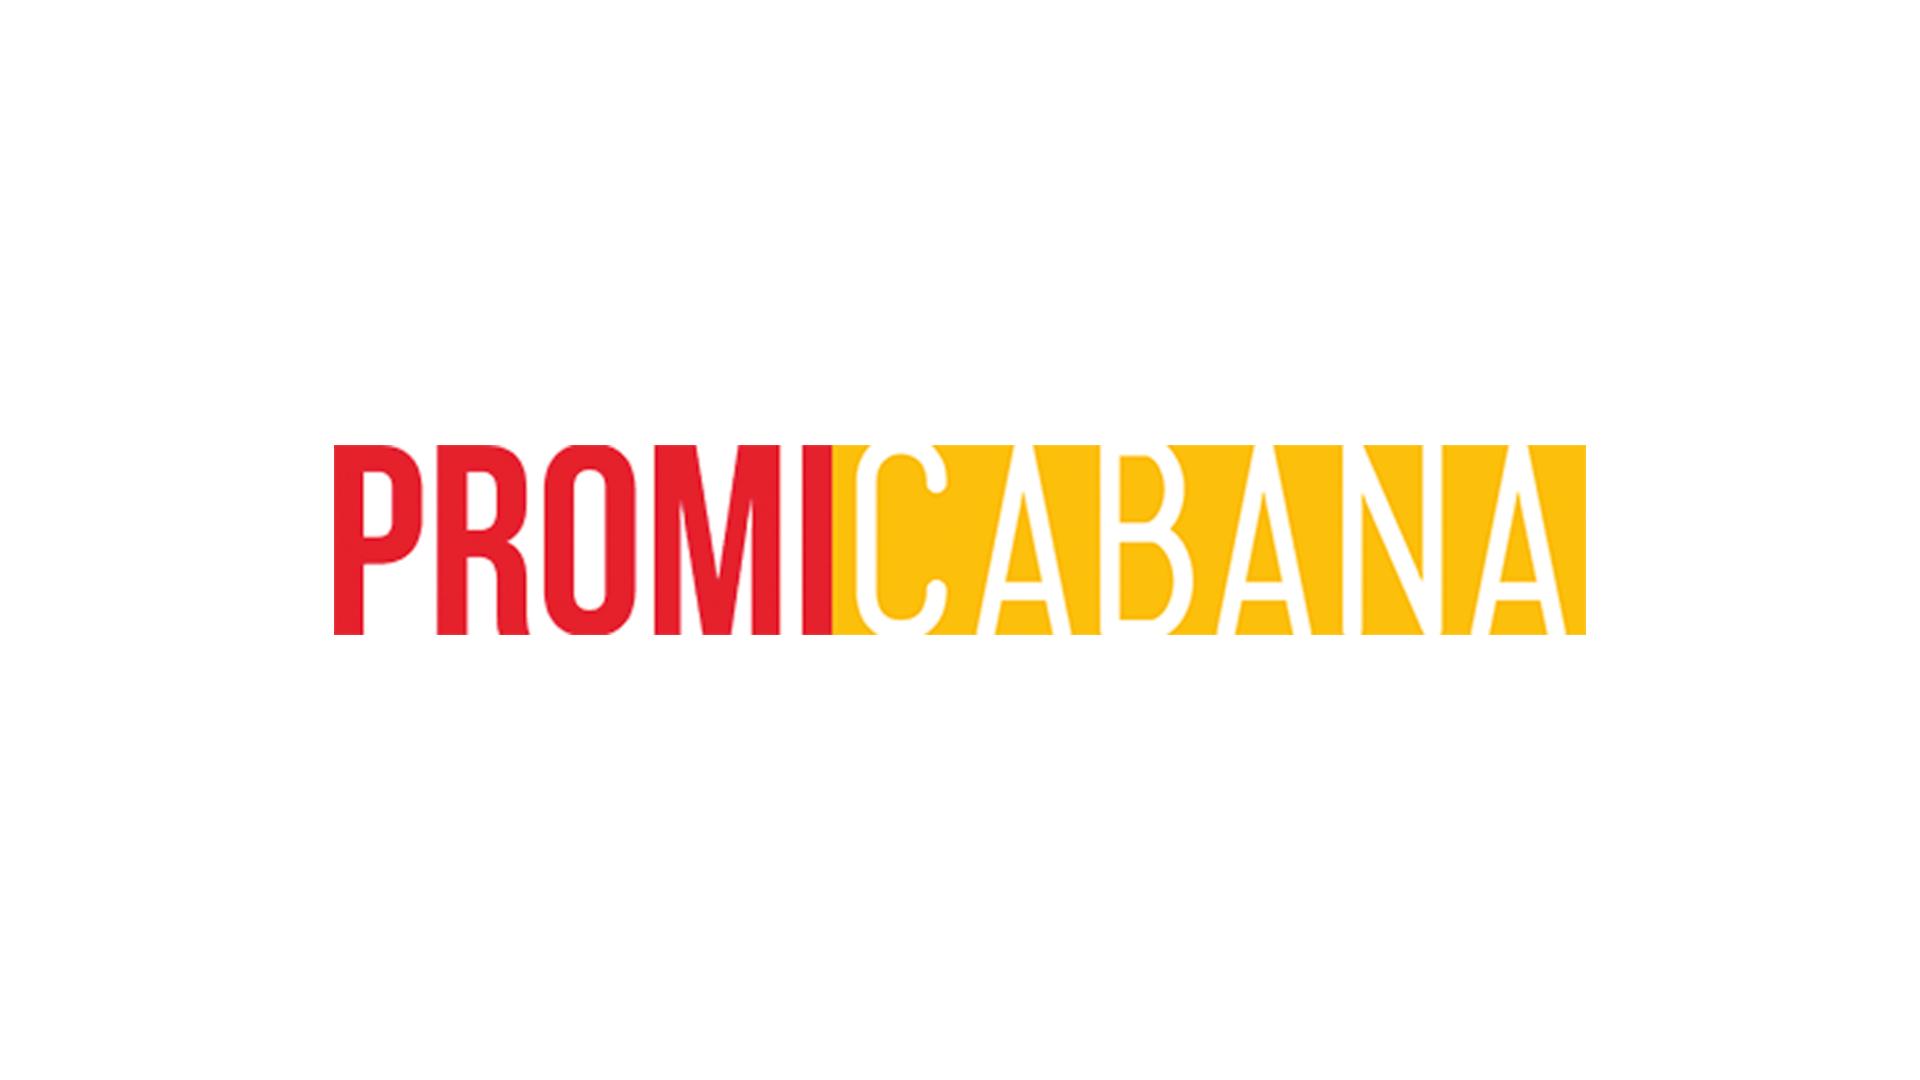 Cyrus und justin bieber haben fast die gleichen haare instagram